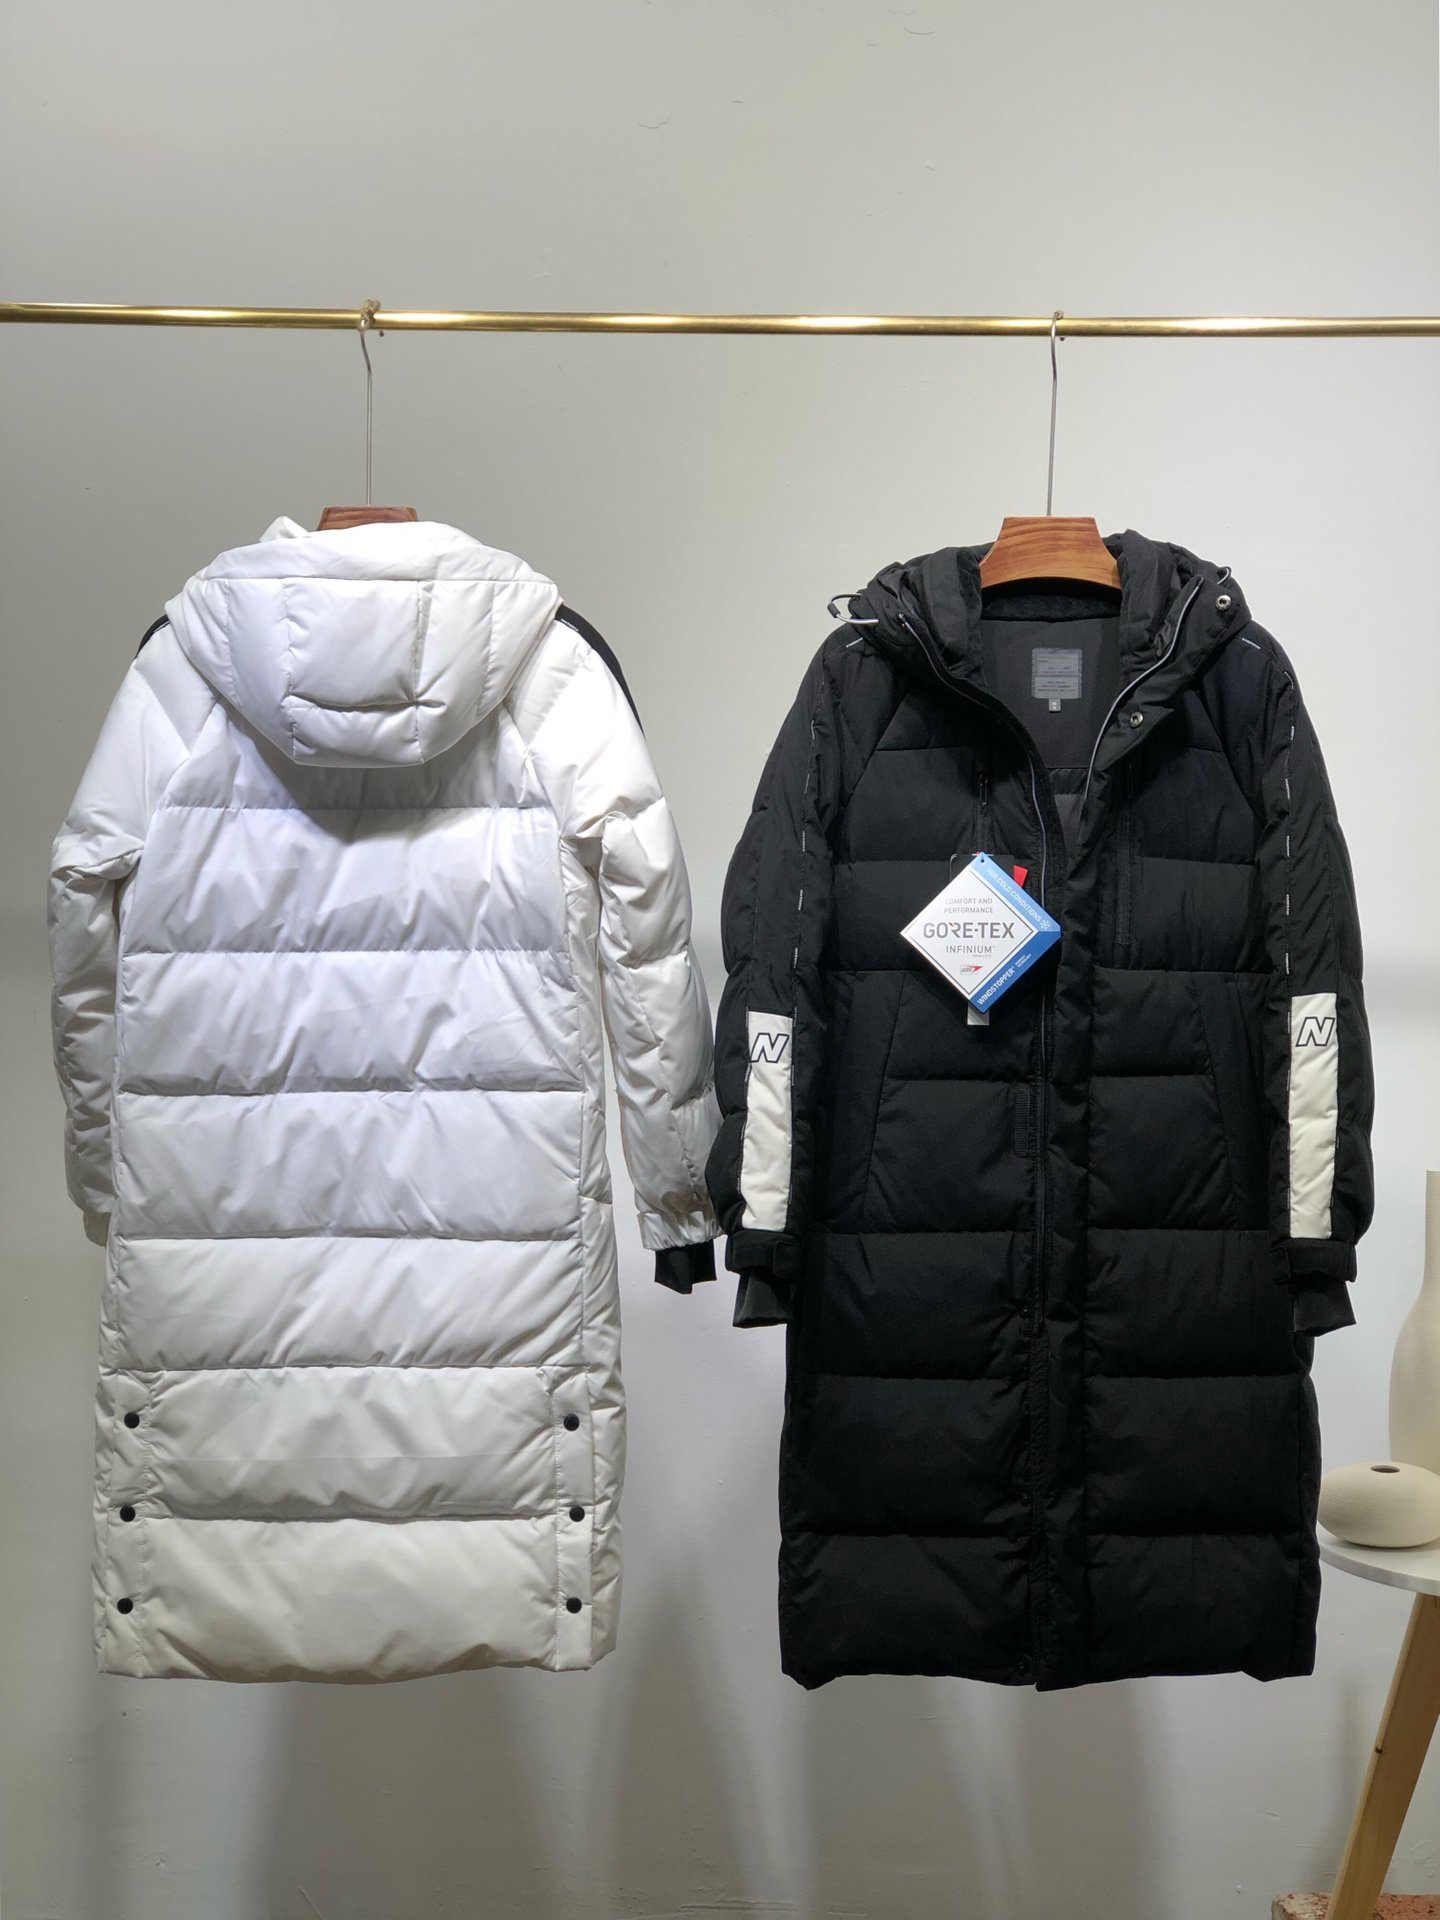 Fashion delle donne degli uomini rivestimento giù per l'inverno tenere in caldo parka Giacche di alta qualità unisex parka giù ricopre 2 colori Bianco Nero Taglia S-2XL